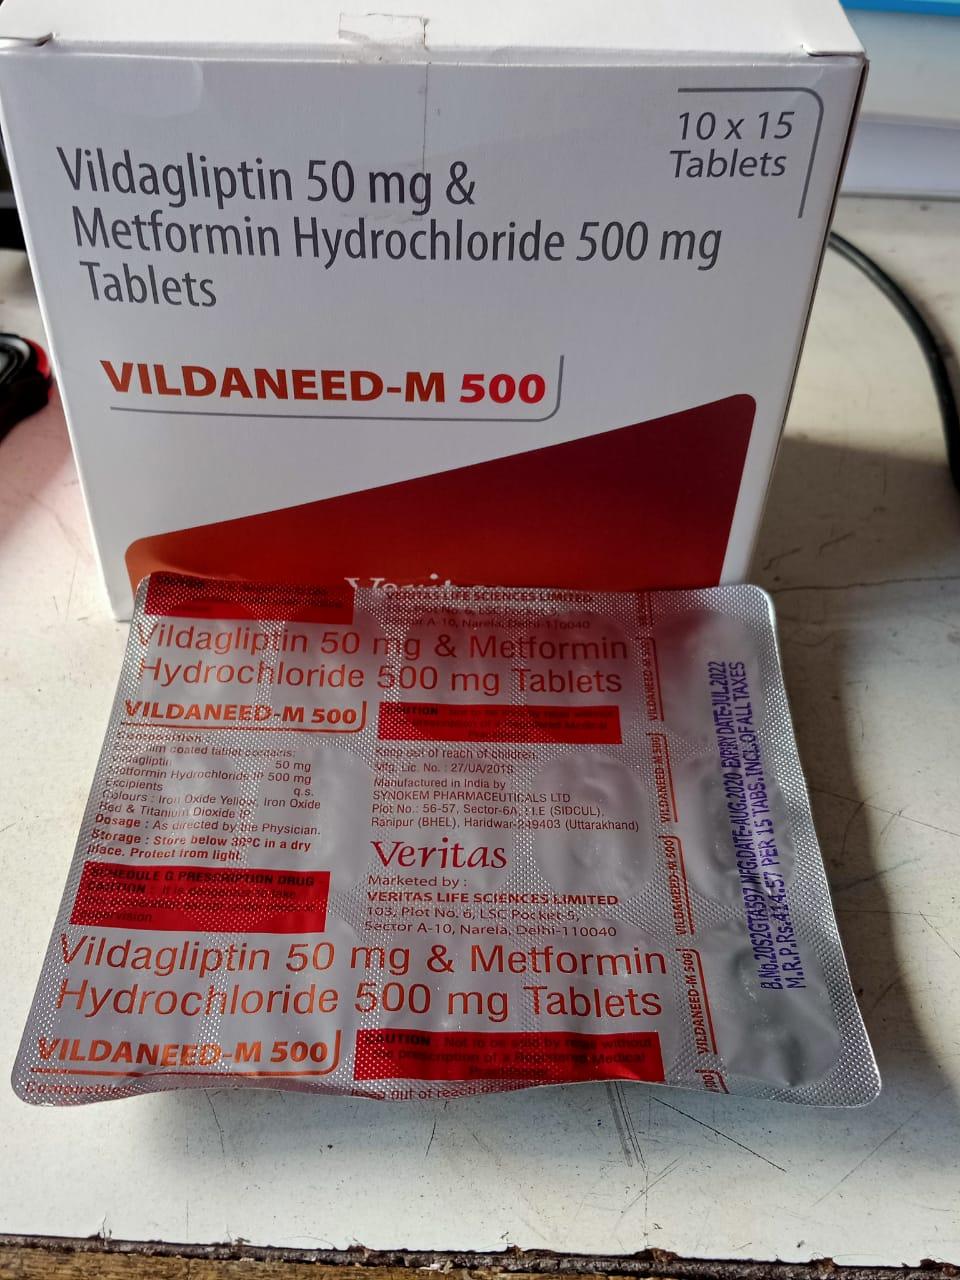 VILDANEED M 500 07/22